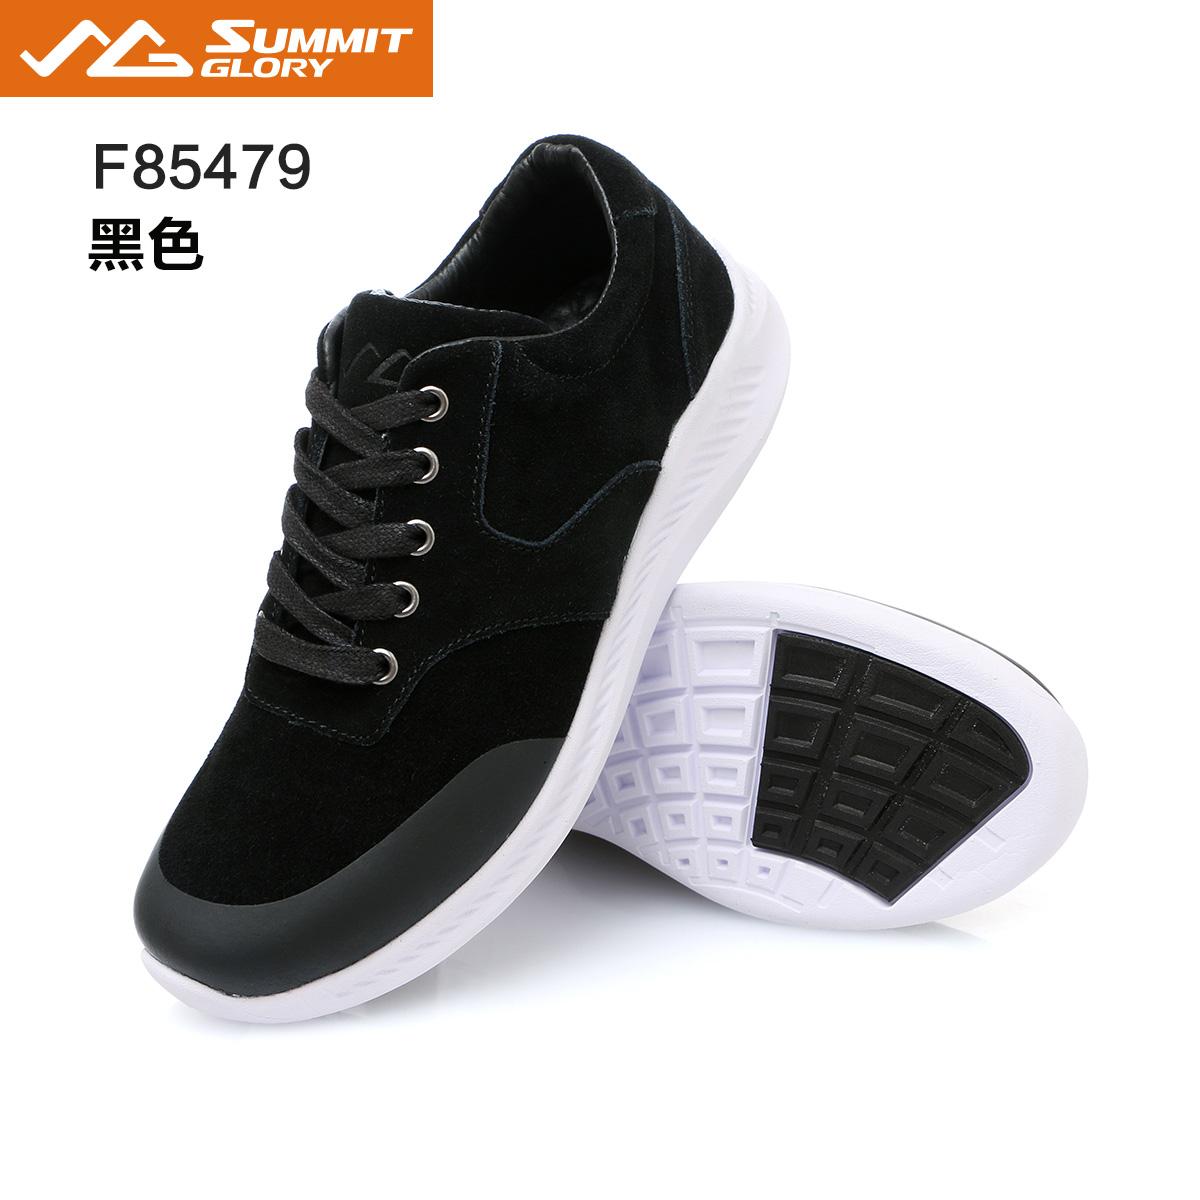 揽胜天下SUMMITGLORY绒面防滑耐磨女款休闲鞋运动鞋黑色39